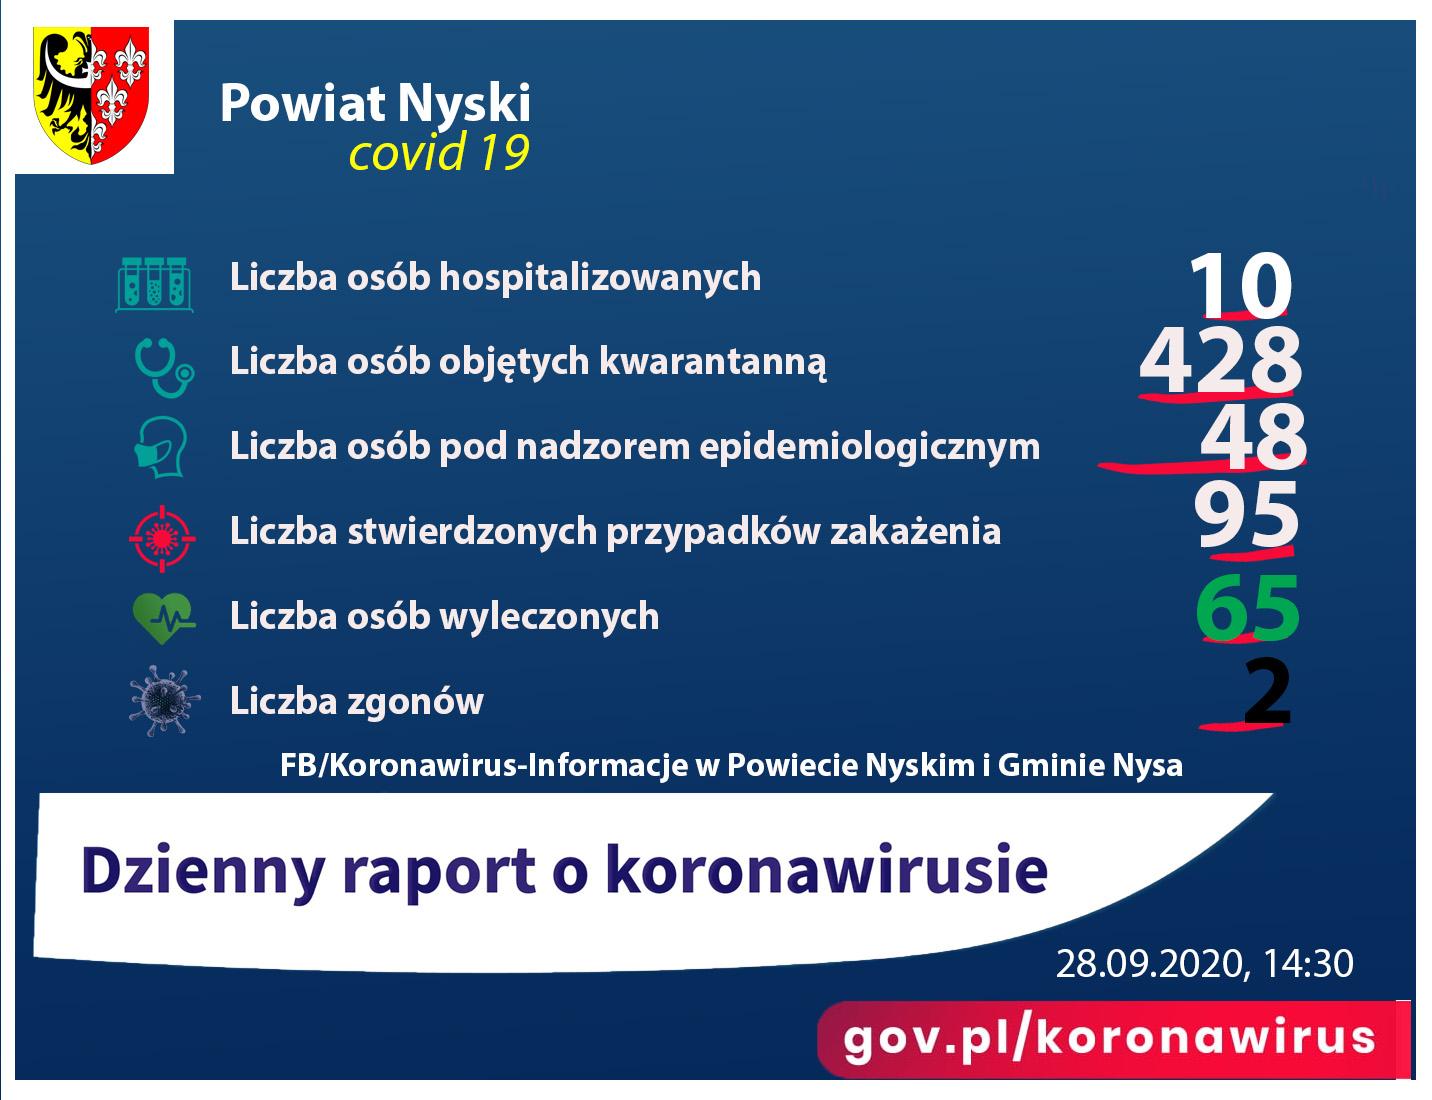 Raport - liczba zakażonych 95, ozdrowieńców 65, zgony 2, pod nadzorem 48, kwarantanna 428